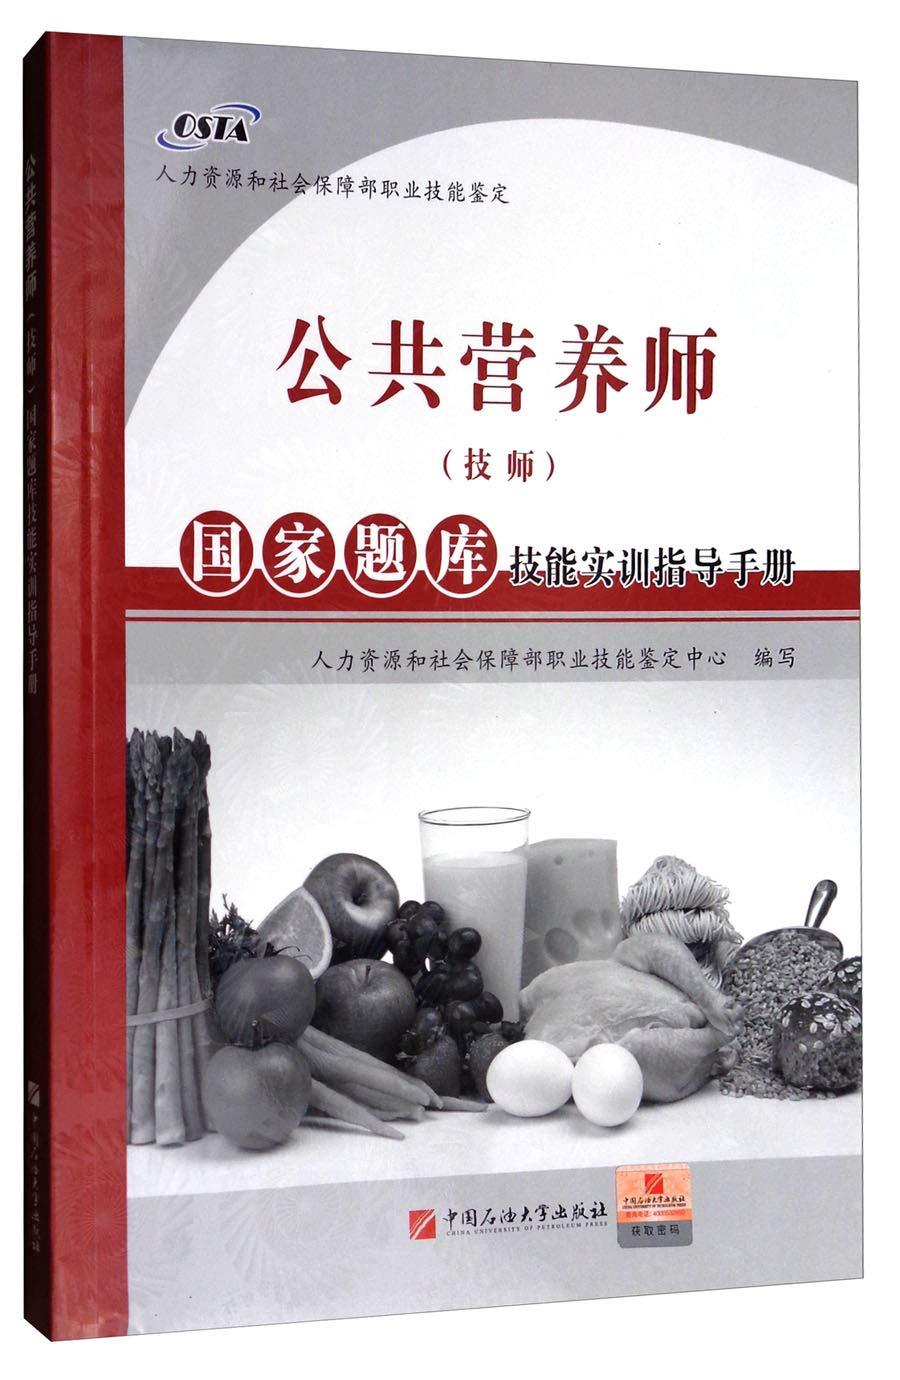 Download 公共营养师(技师)国家题库技能实训指导手册 PDF